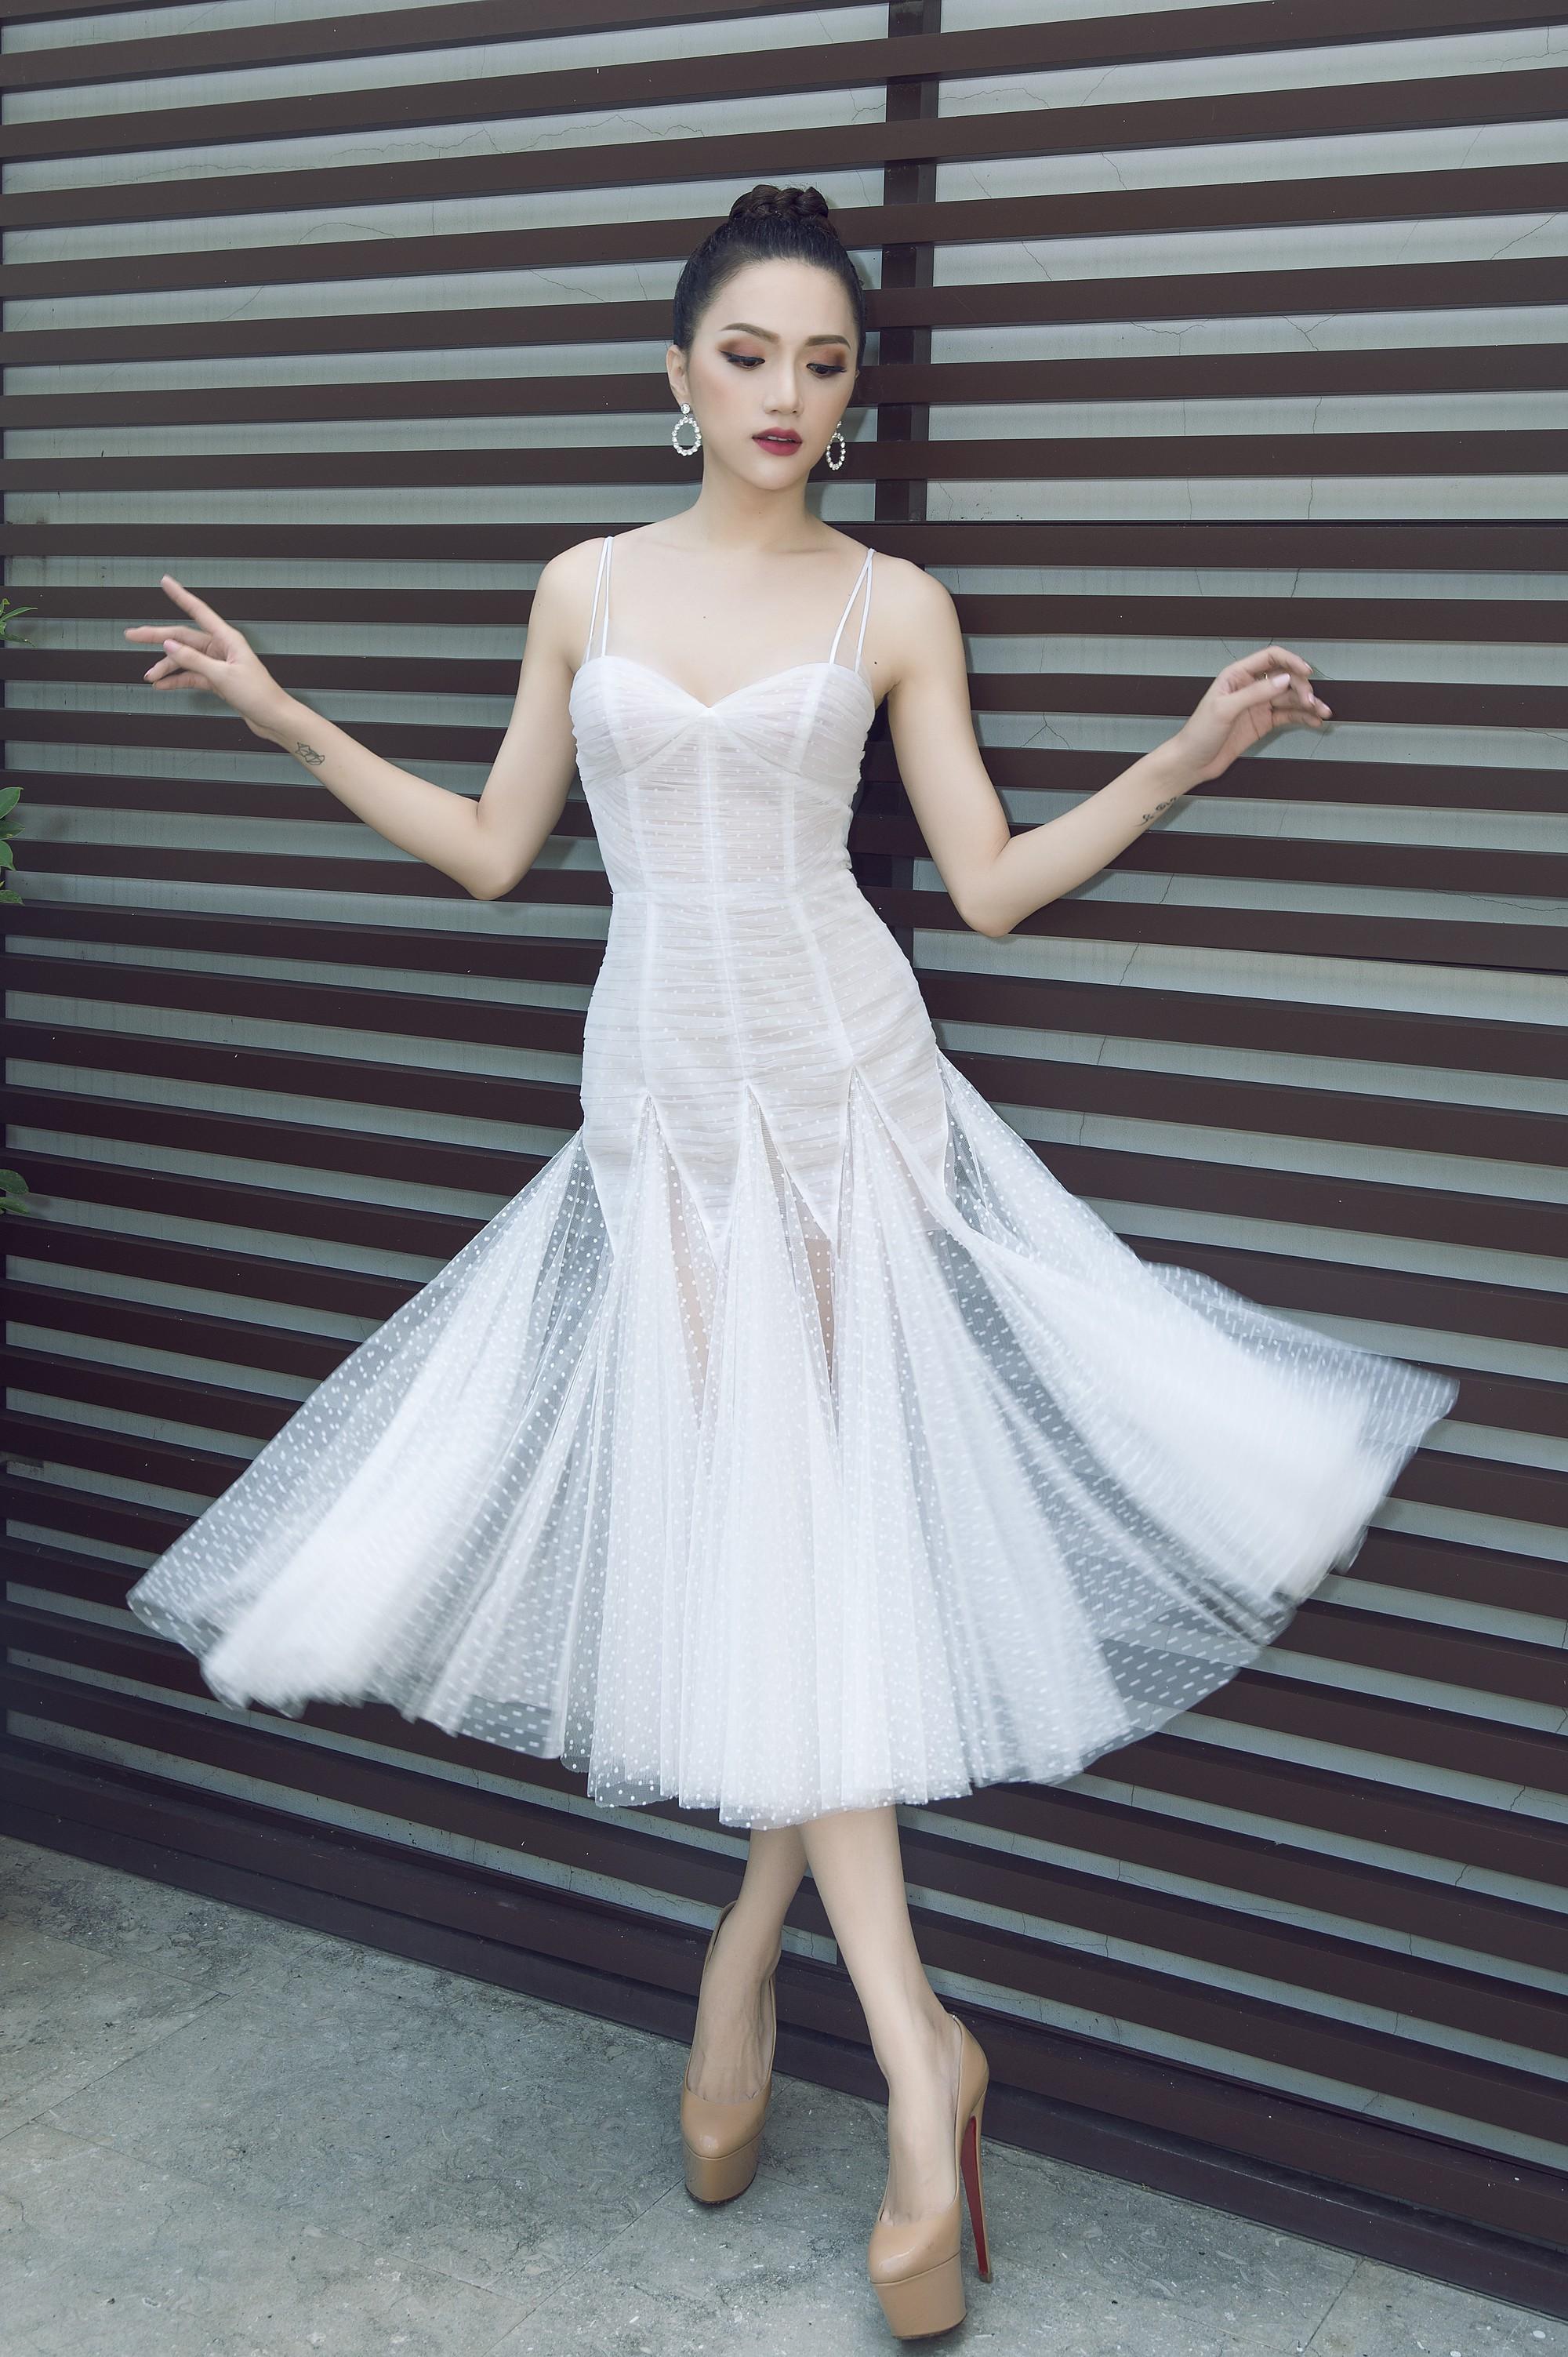 Trước khi về Việt Nam, Hương Giang lại gây thương nhớ với nhan sắc lộng lẫy tựa nữ thần - Ảnh 3.